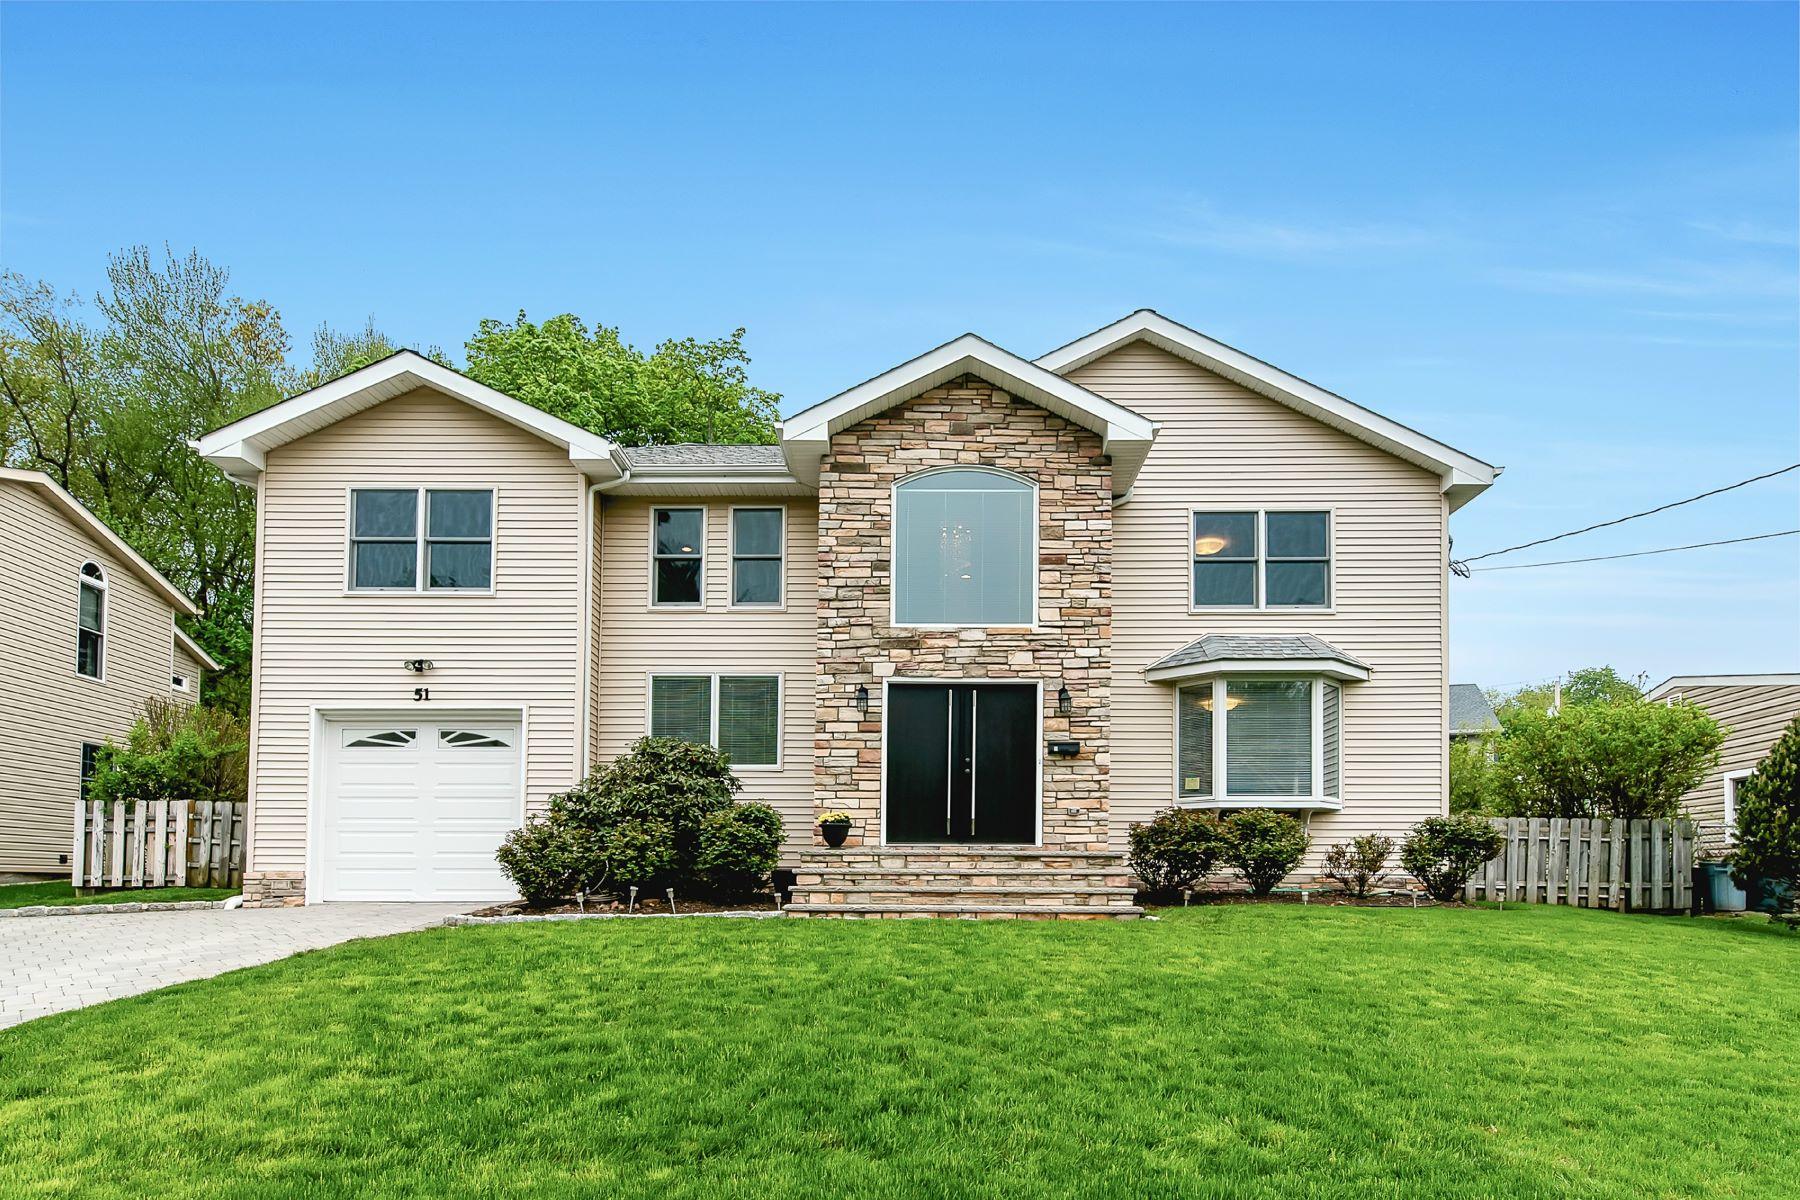 Частный односемейный дом для того Продажа на Exceptional Tenafly Colonial! 51 Carleton Terrace Cresskill, Нью-Джерси, 07626 Соединенные Штаты